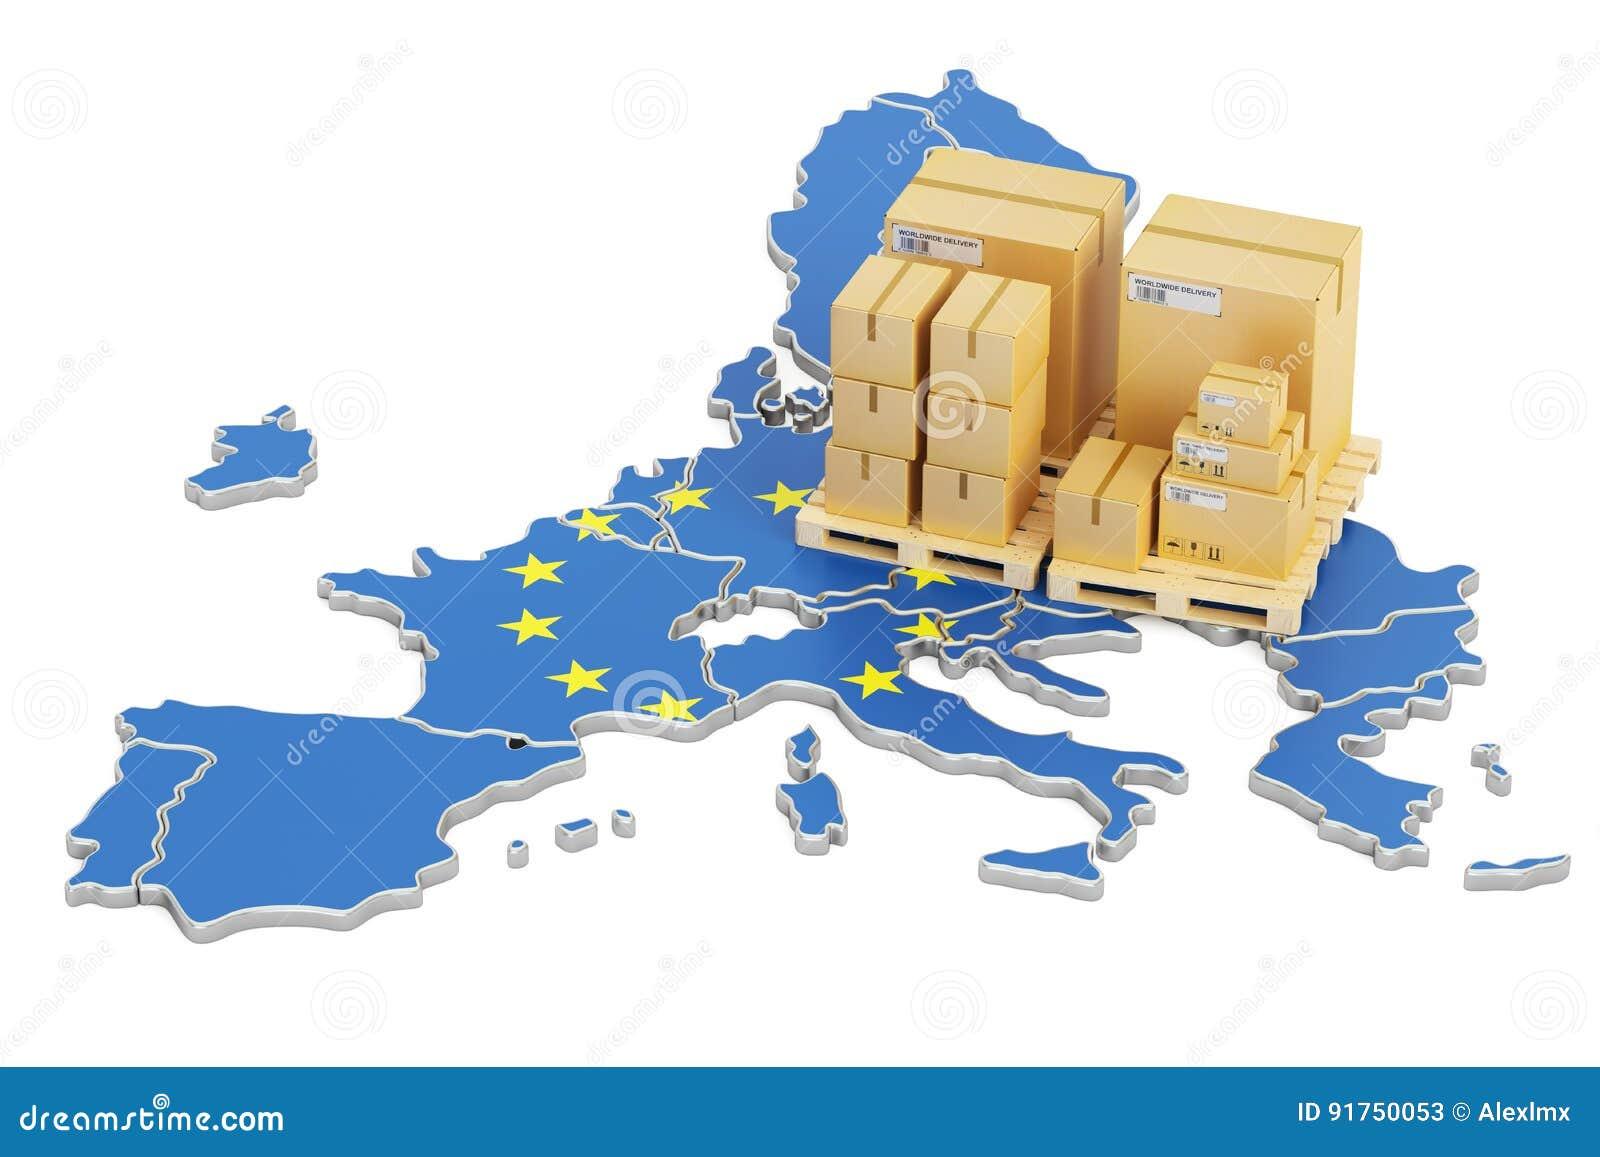 Доставка и поставка от концепции Европейского союза, перевода 3D